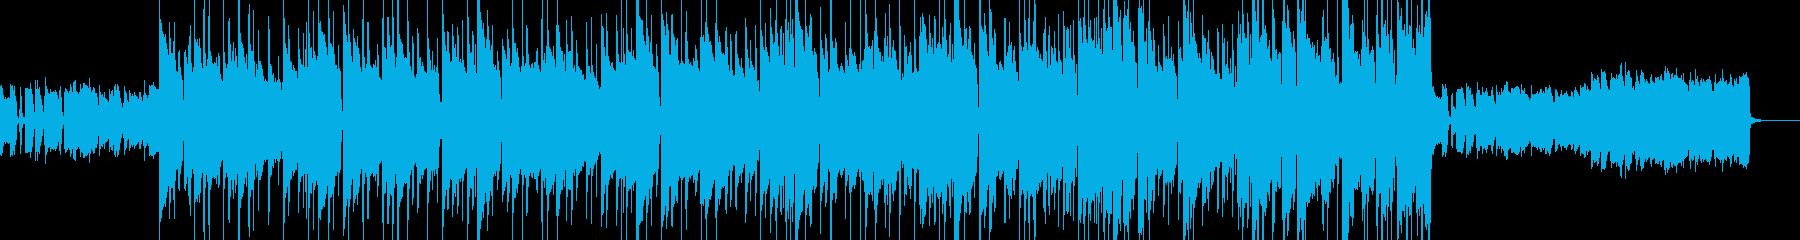 映像・オープニング向けの王道ロックギターの再生済みの波形